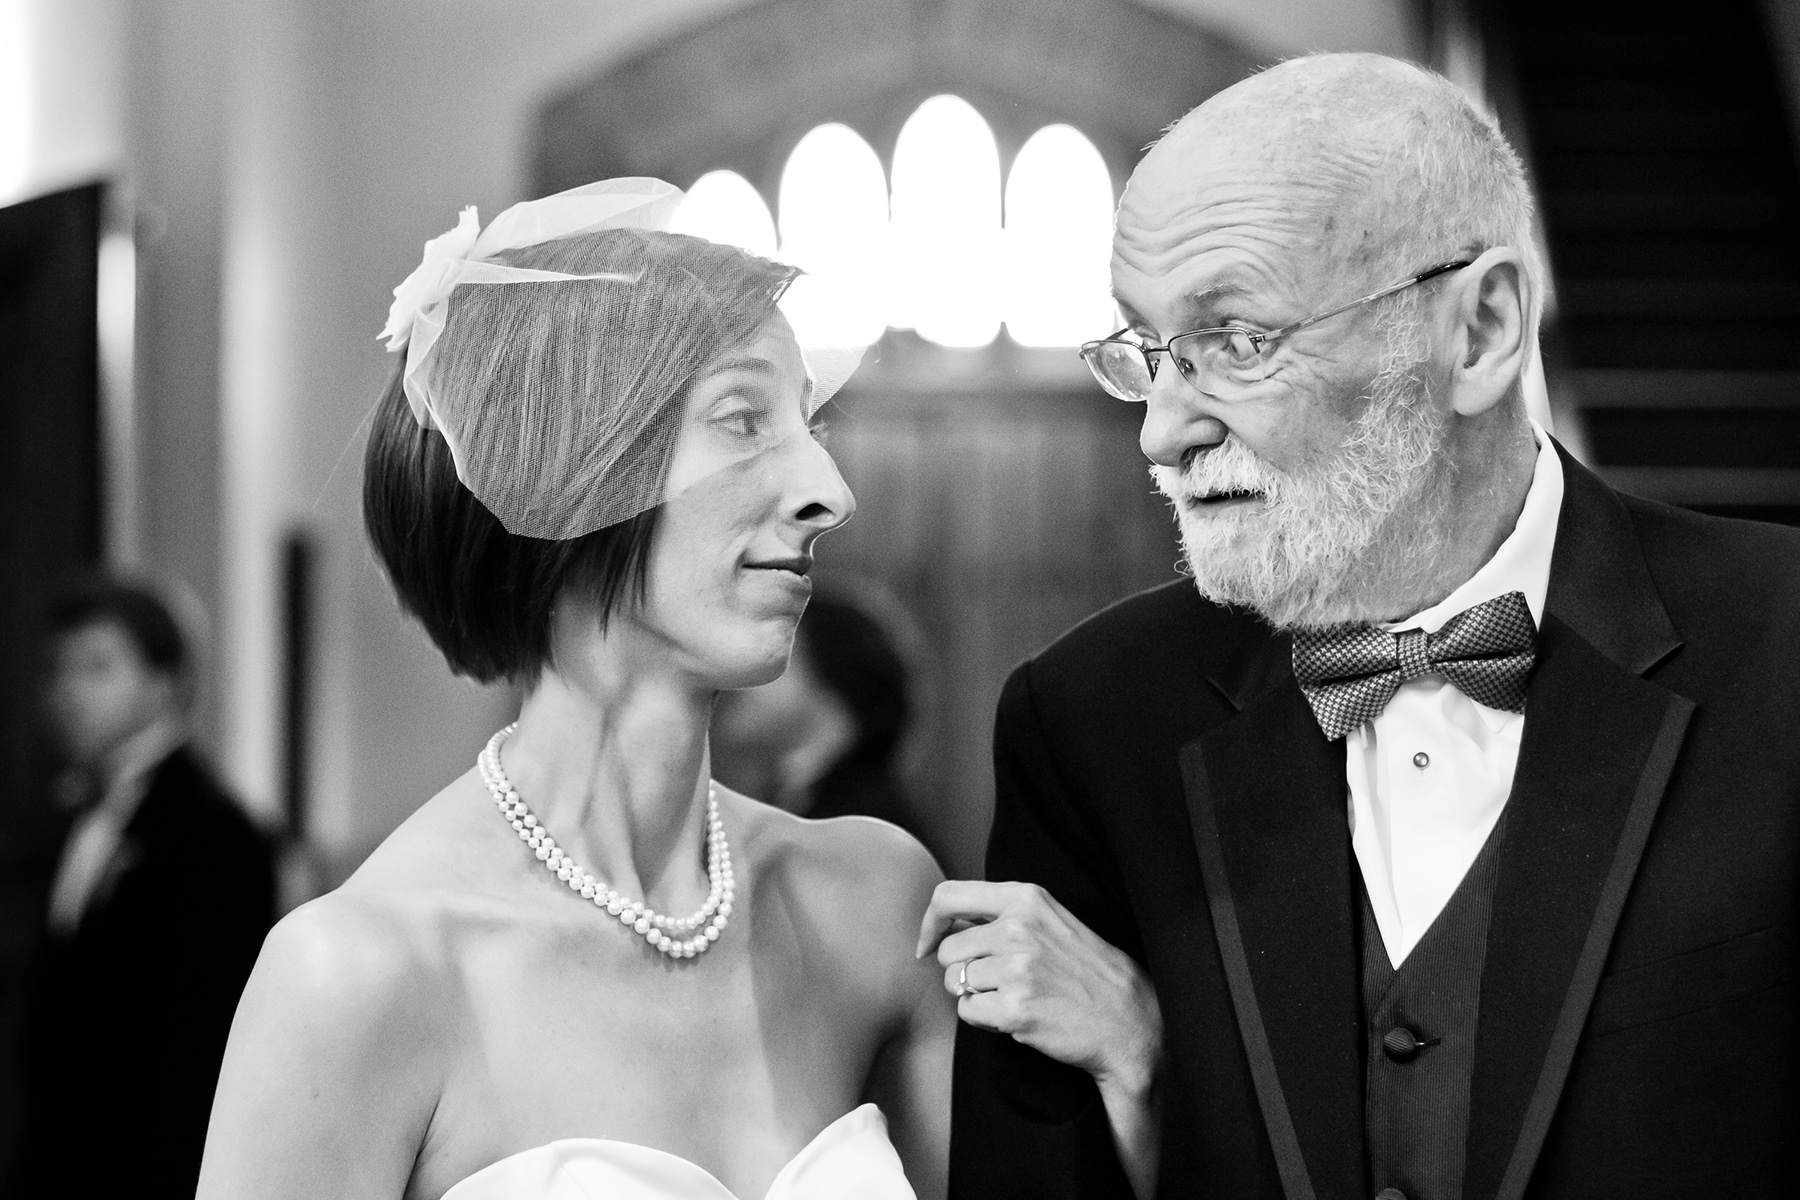 Grace UMC Atlanta Photographe de Mariage | La mariée partage un moment avec son père